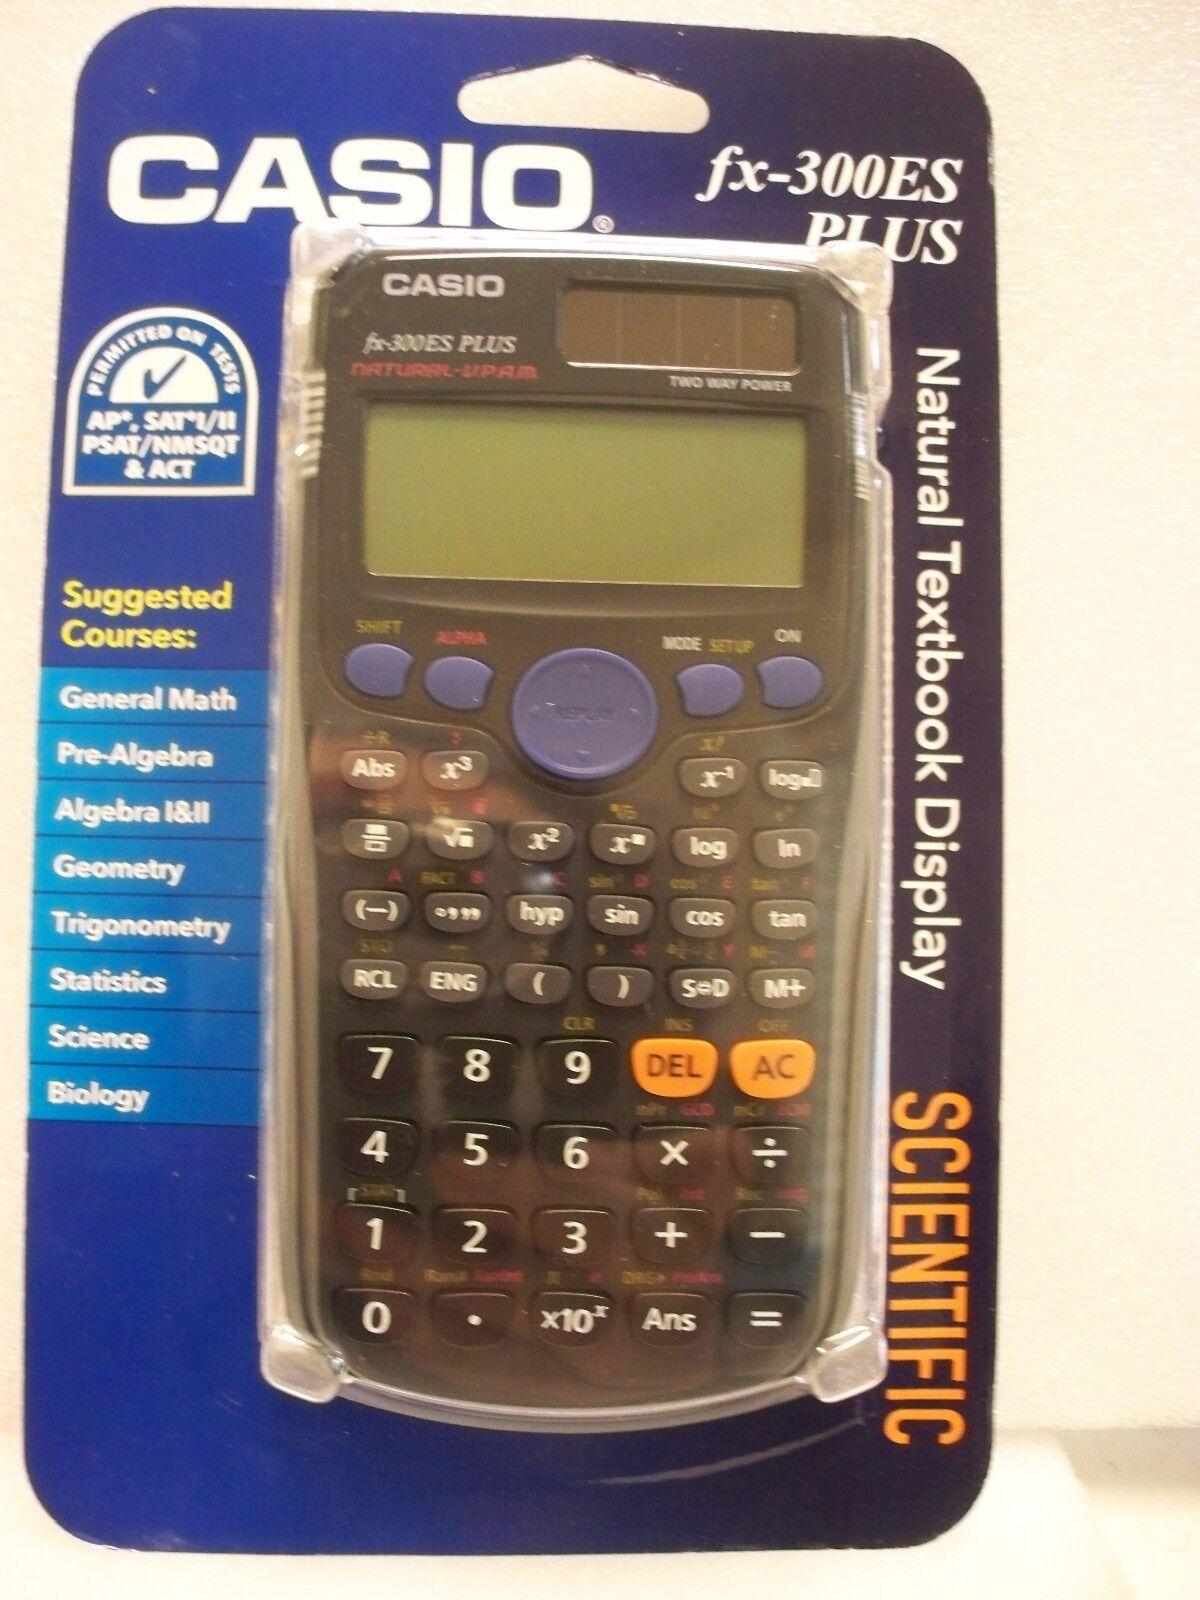 Casio,  FX-300es PLUS,  Scientific Calculator,  300BK-BTS15,  BLACK